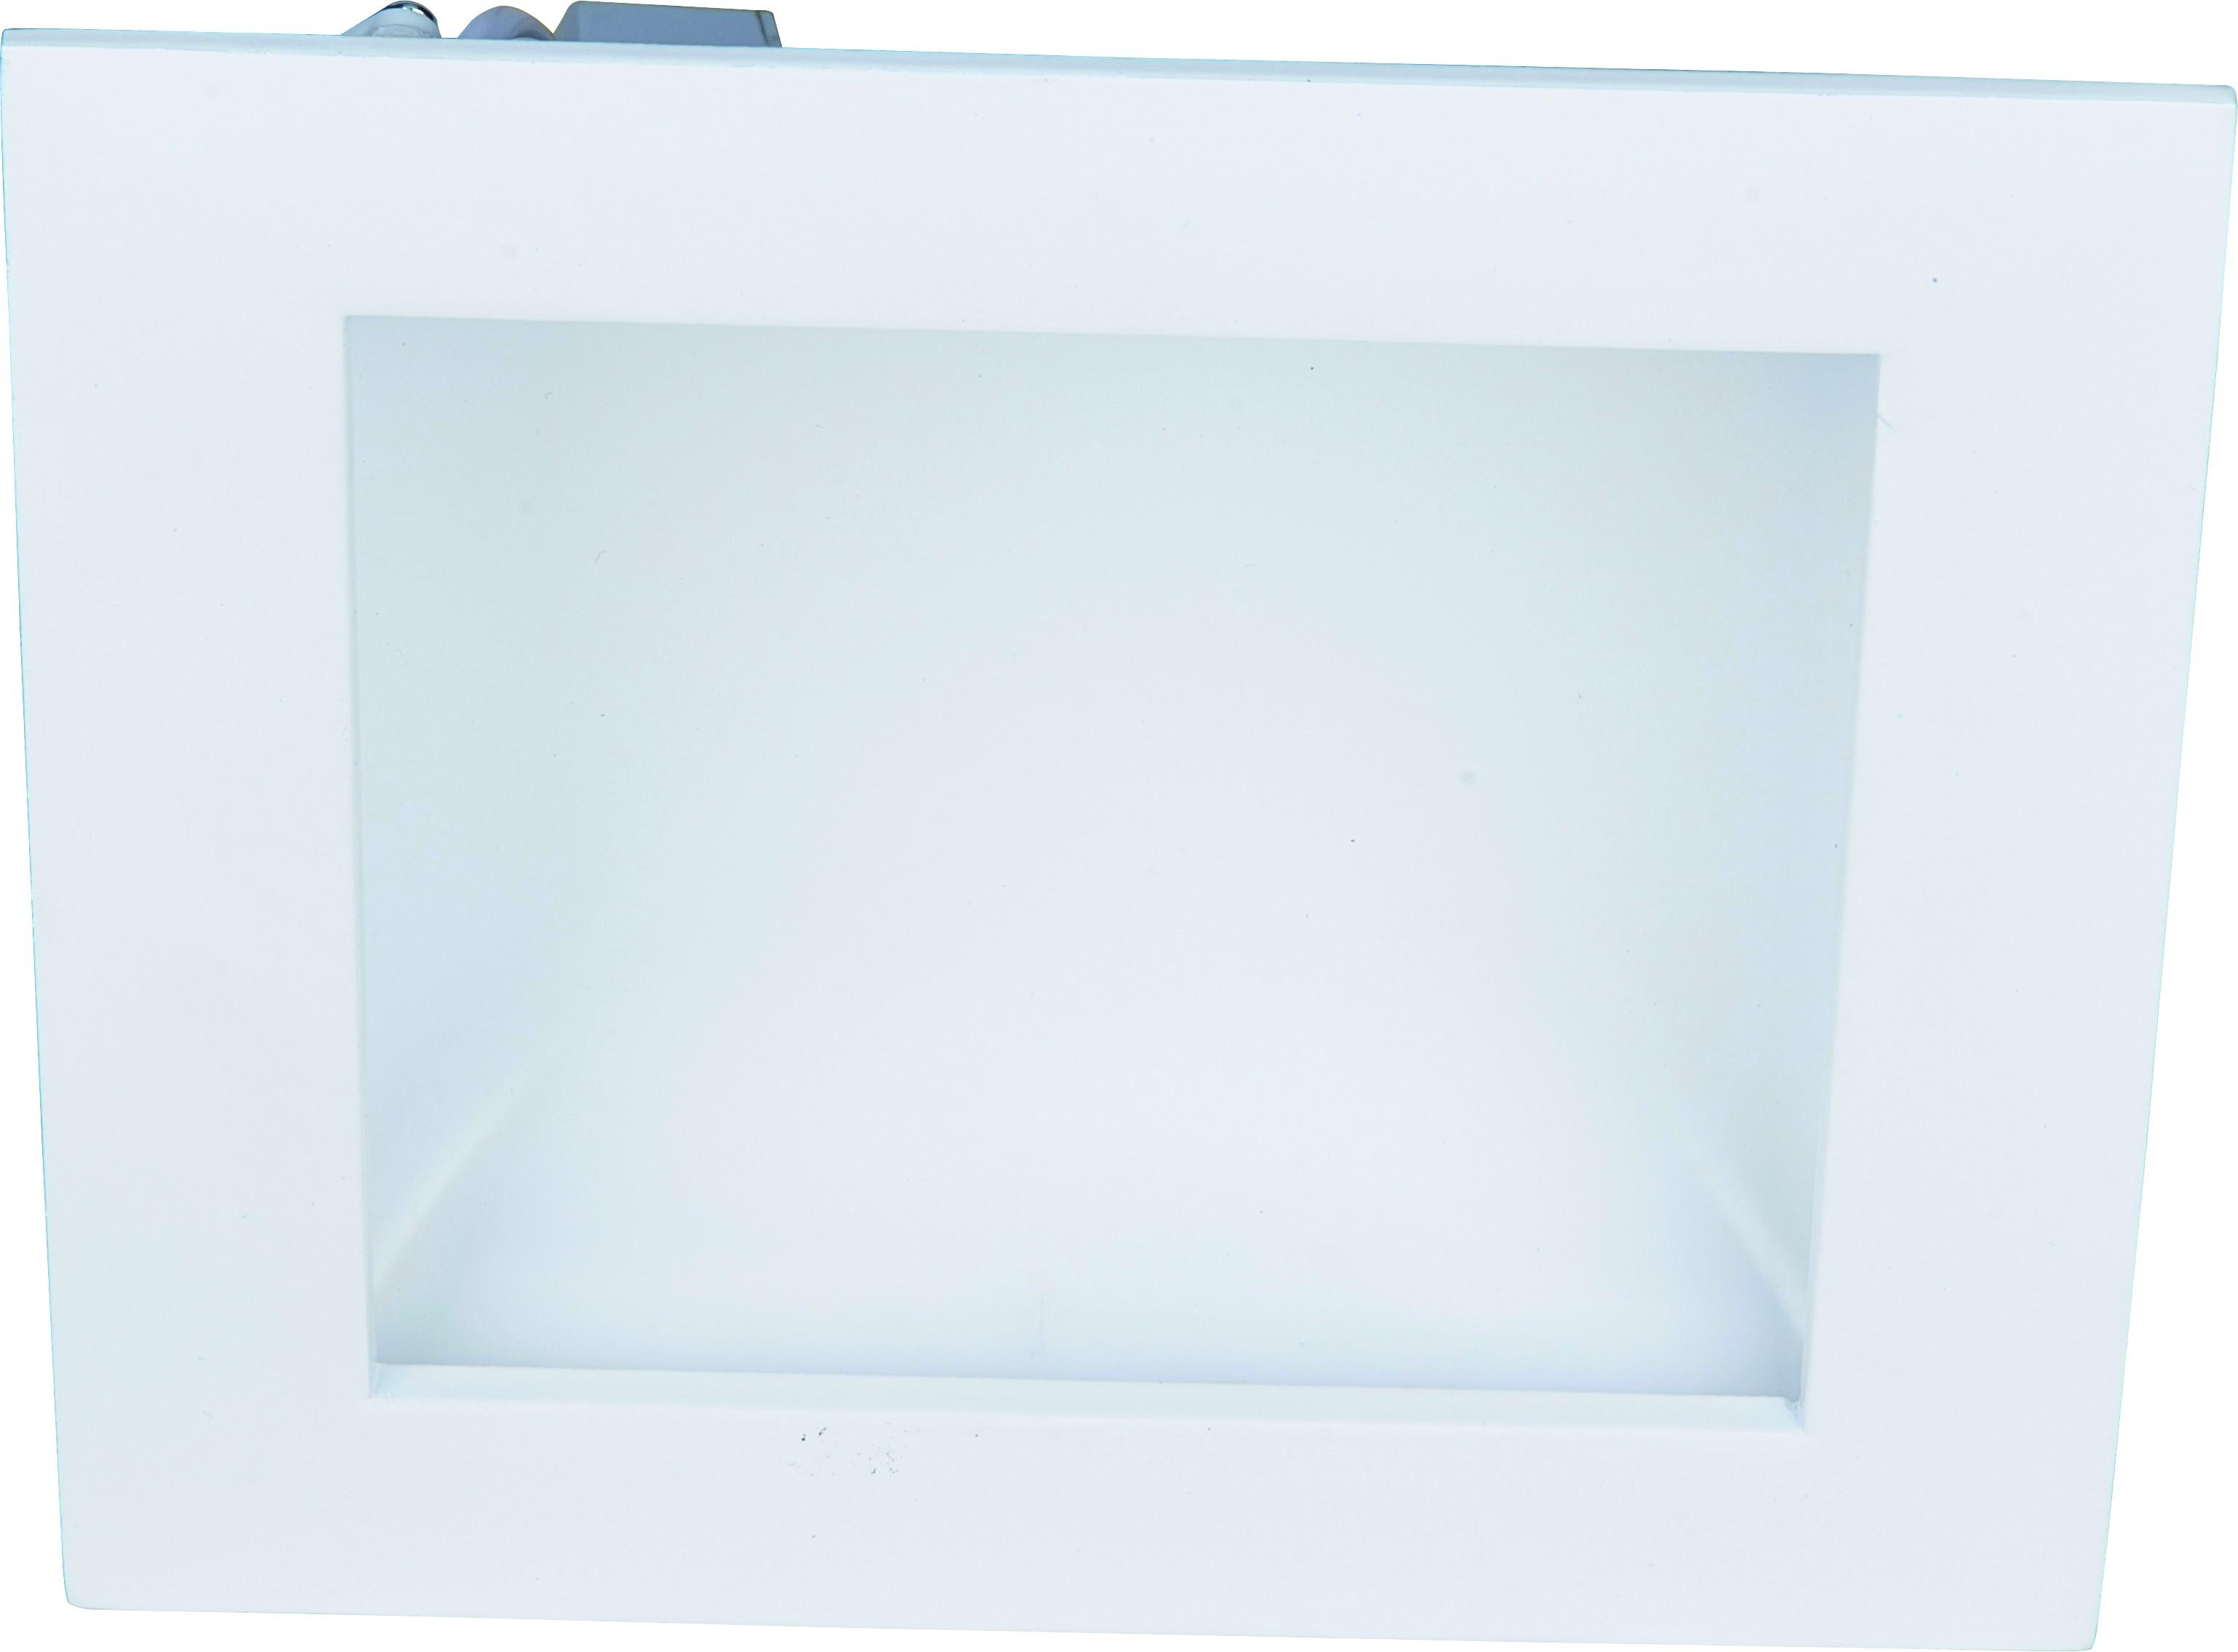 Светильник встраиваемый Arte lamp A7412pl-1wh встраиваемый светильник arte lamp cielo a7314pl 1wh